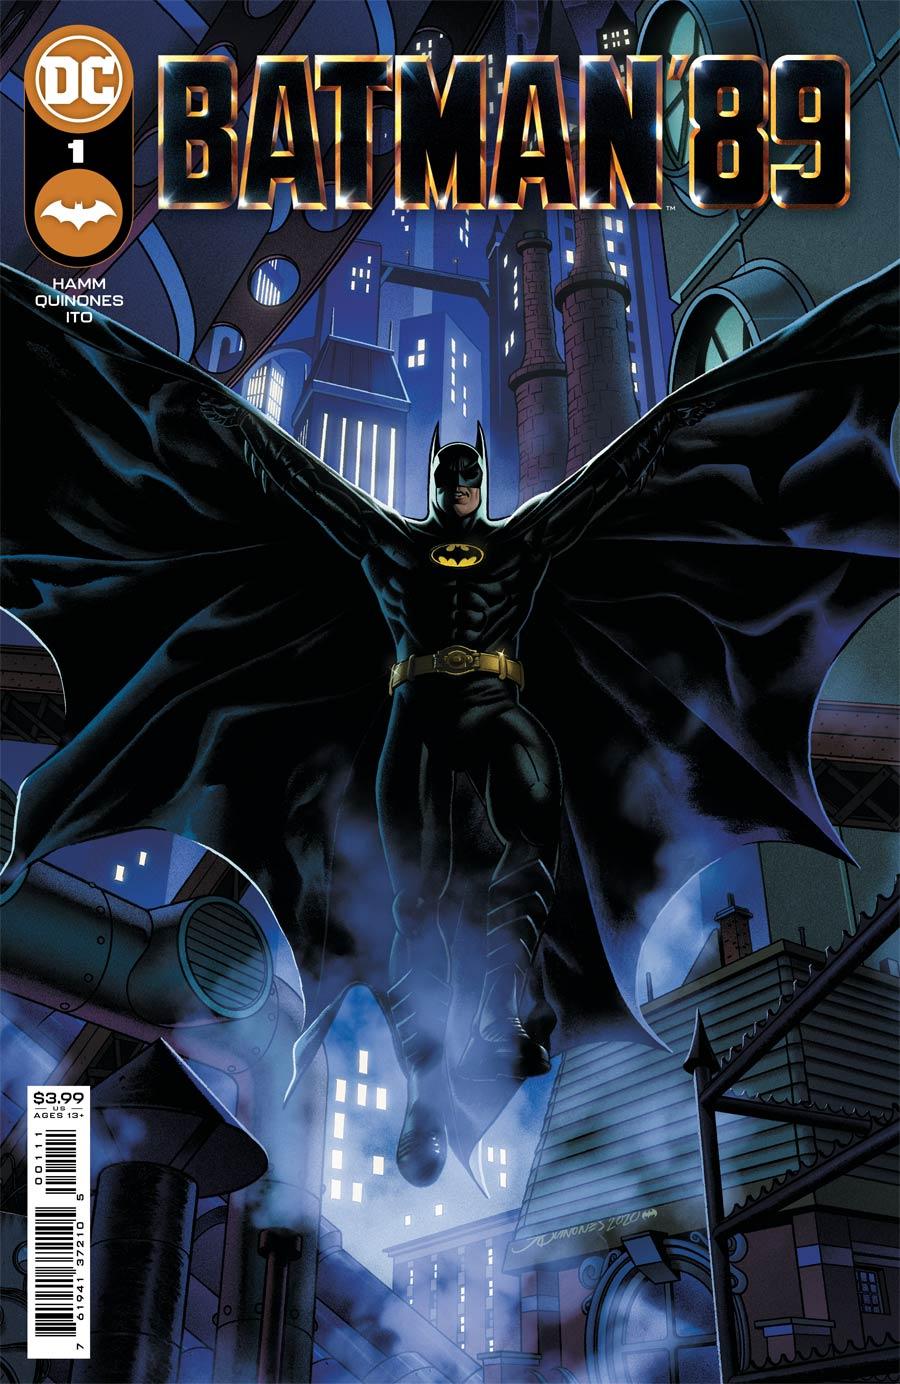 Batman 89 #1 Cover A Regular Joe Quinones Cover